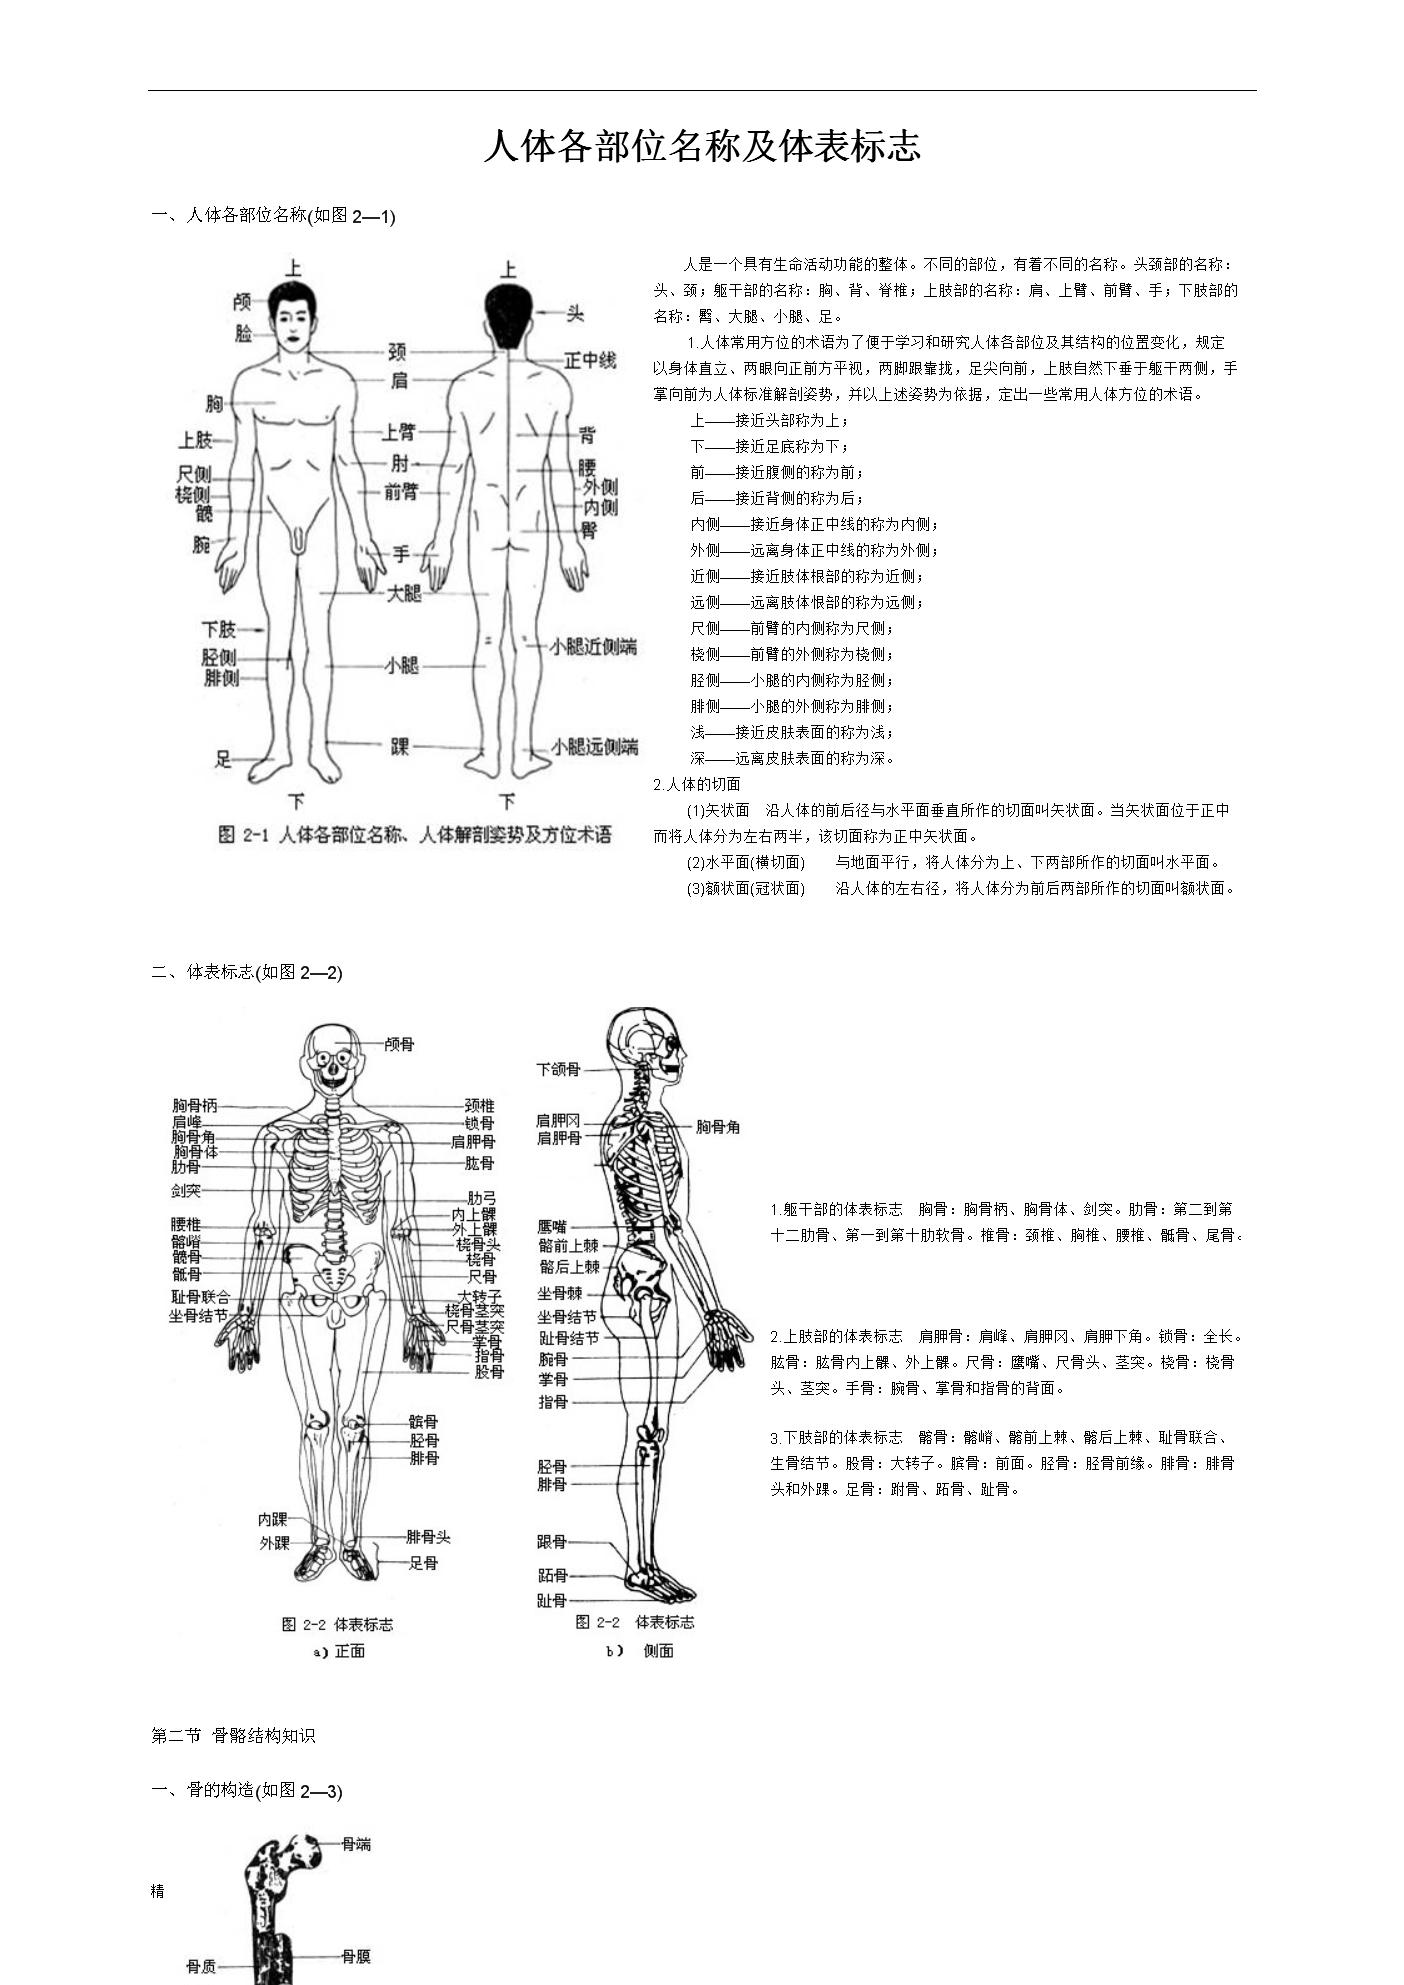 人体部位名称大全固)�_人体各部位名称及体表标志总结.doc